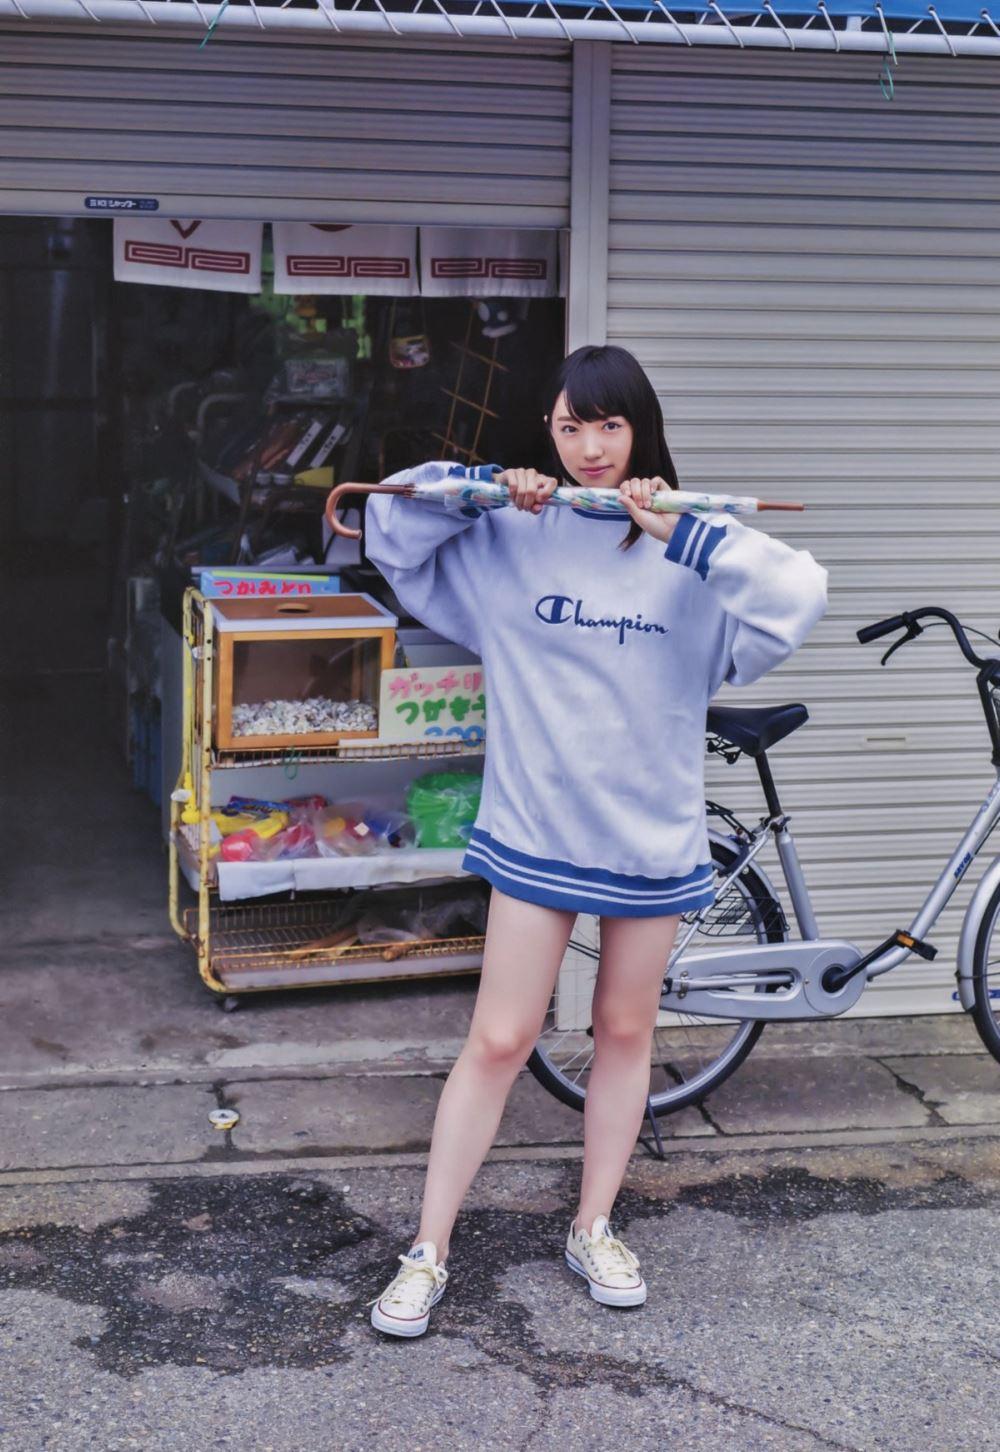 太田夢莉 1万年に1人 可愛い アイドル 水着 画像 31